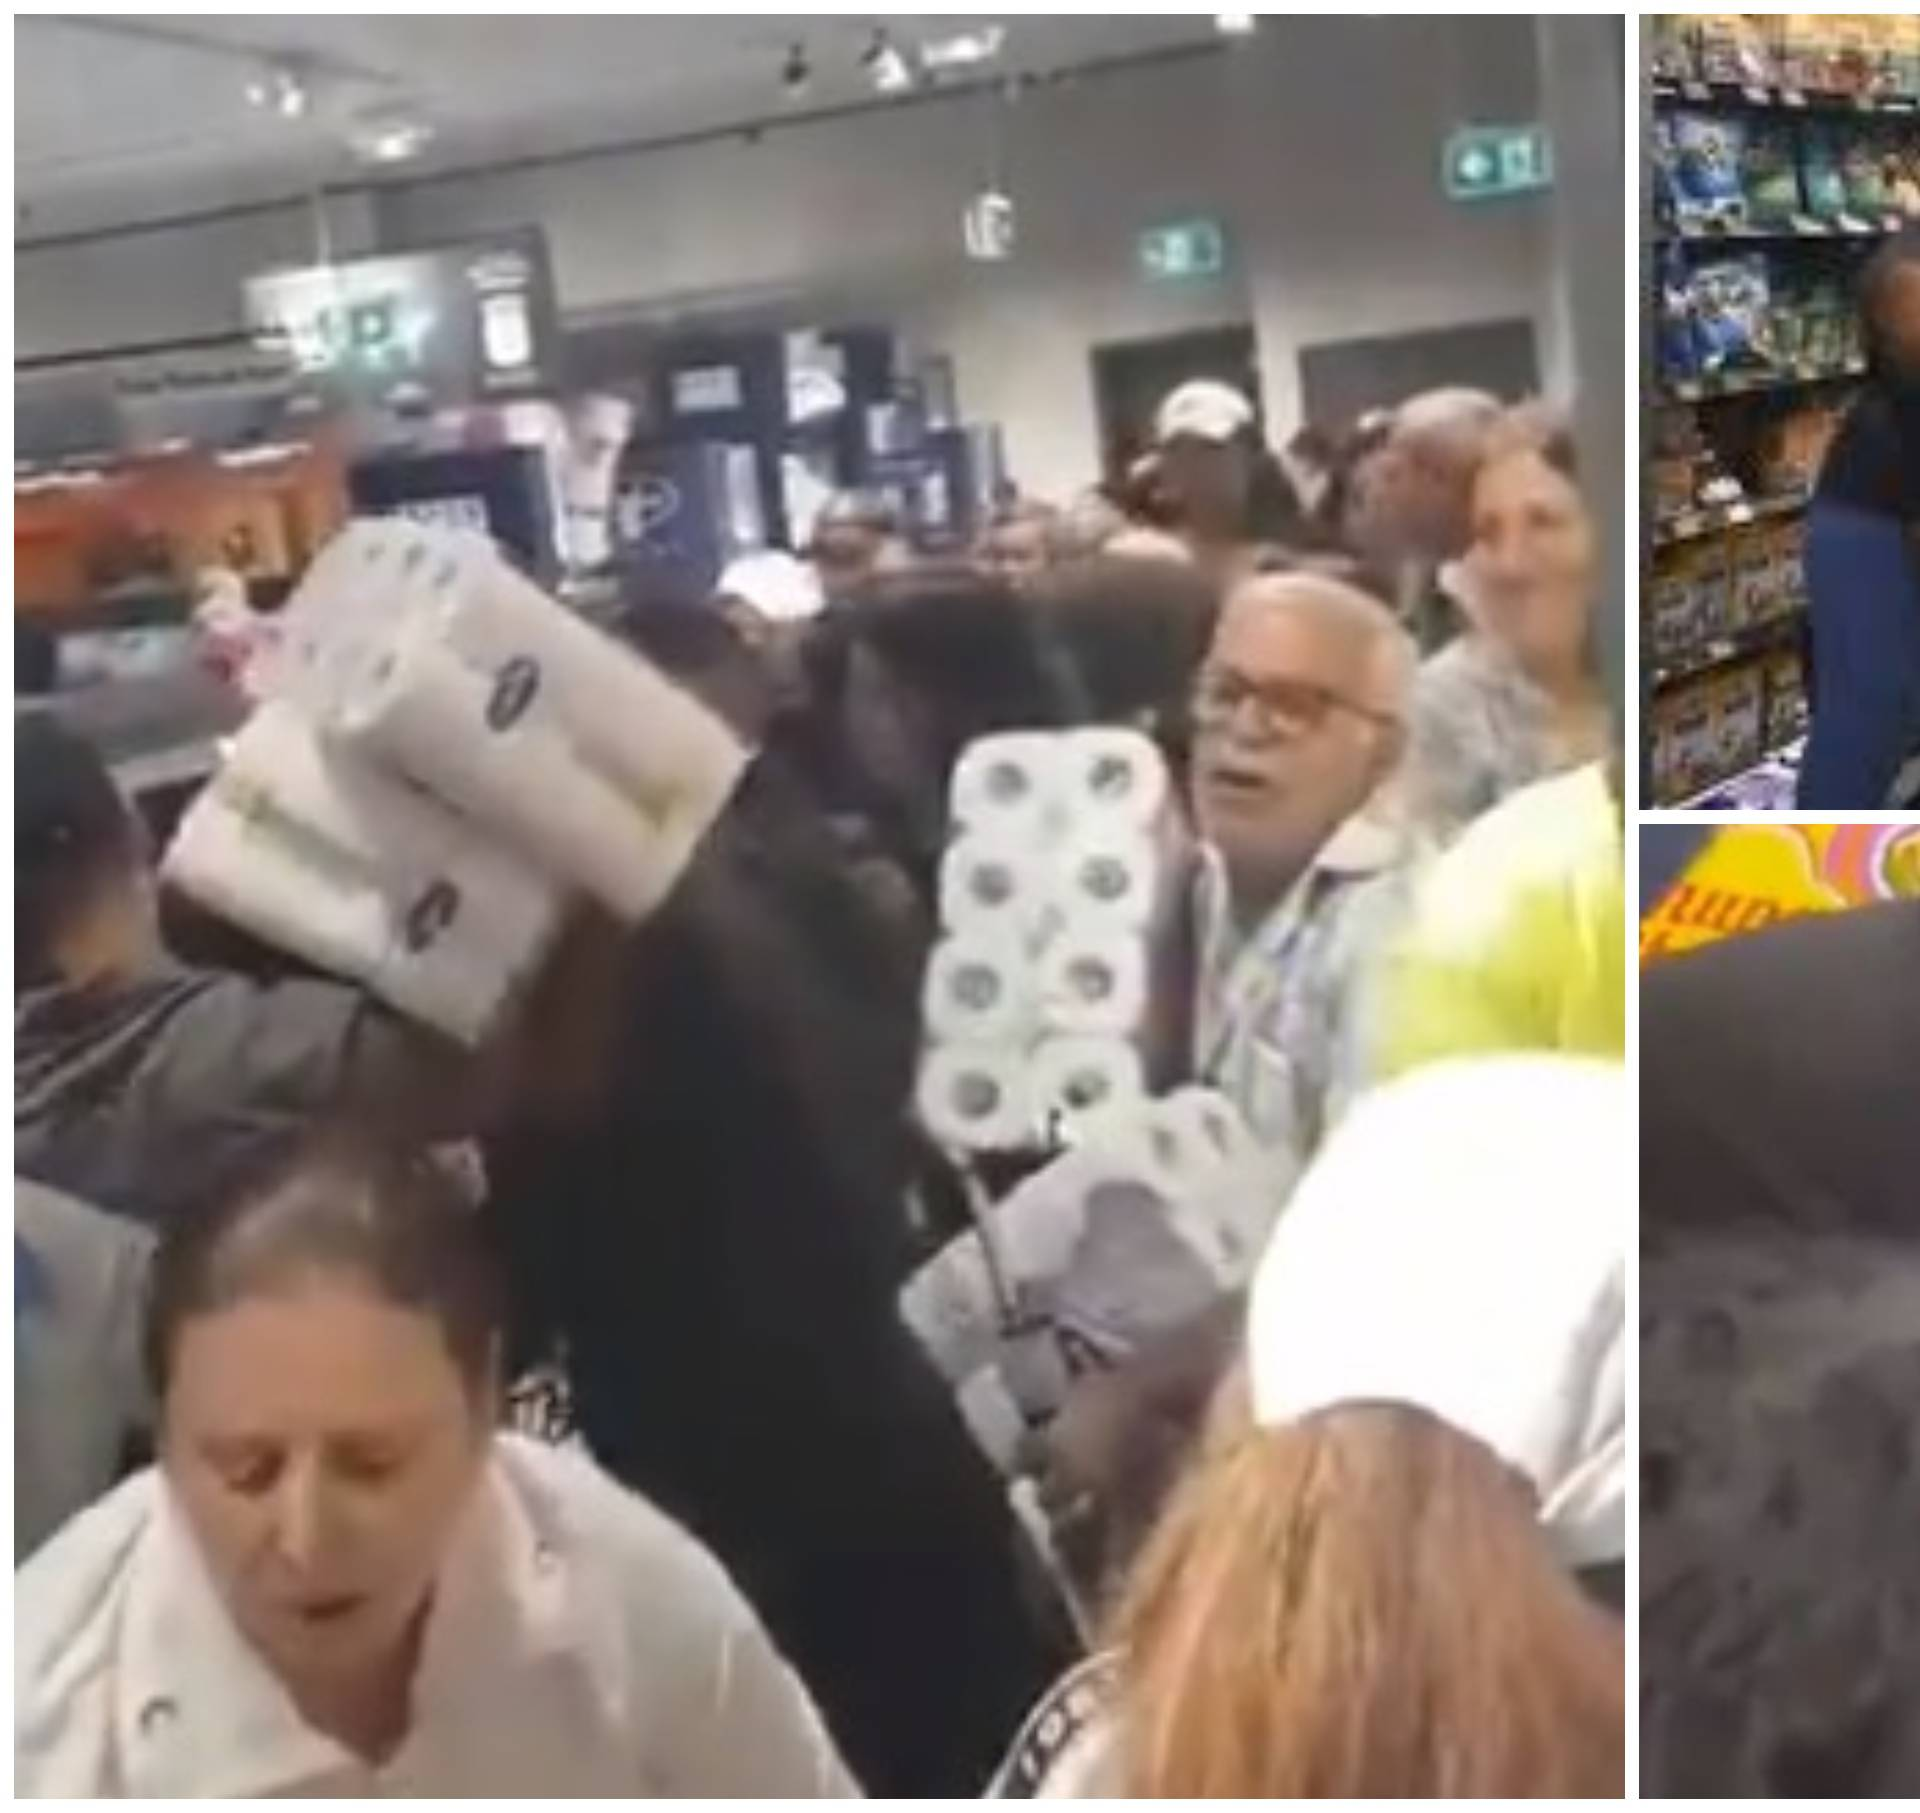 Stampedo paničnih kupaca: 'Po mojoj curici su doslovno hodali'